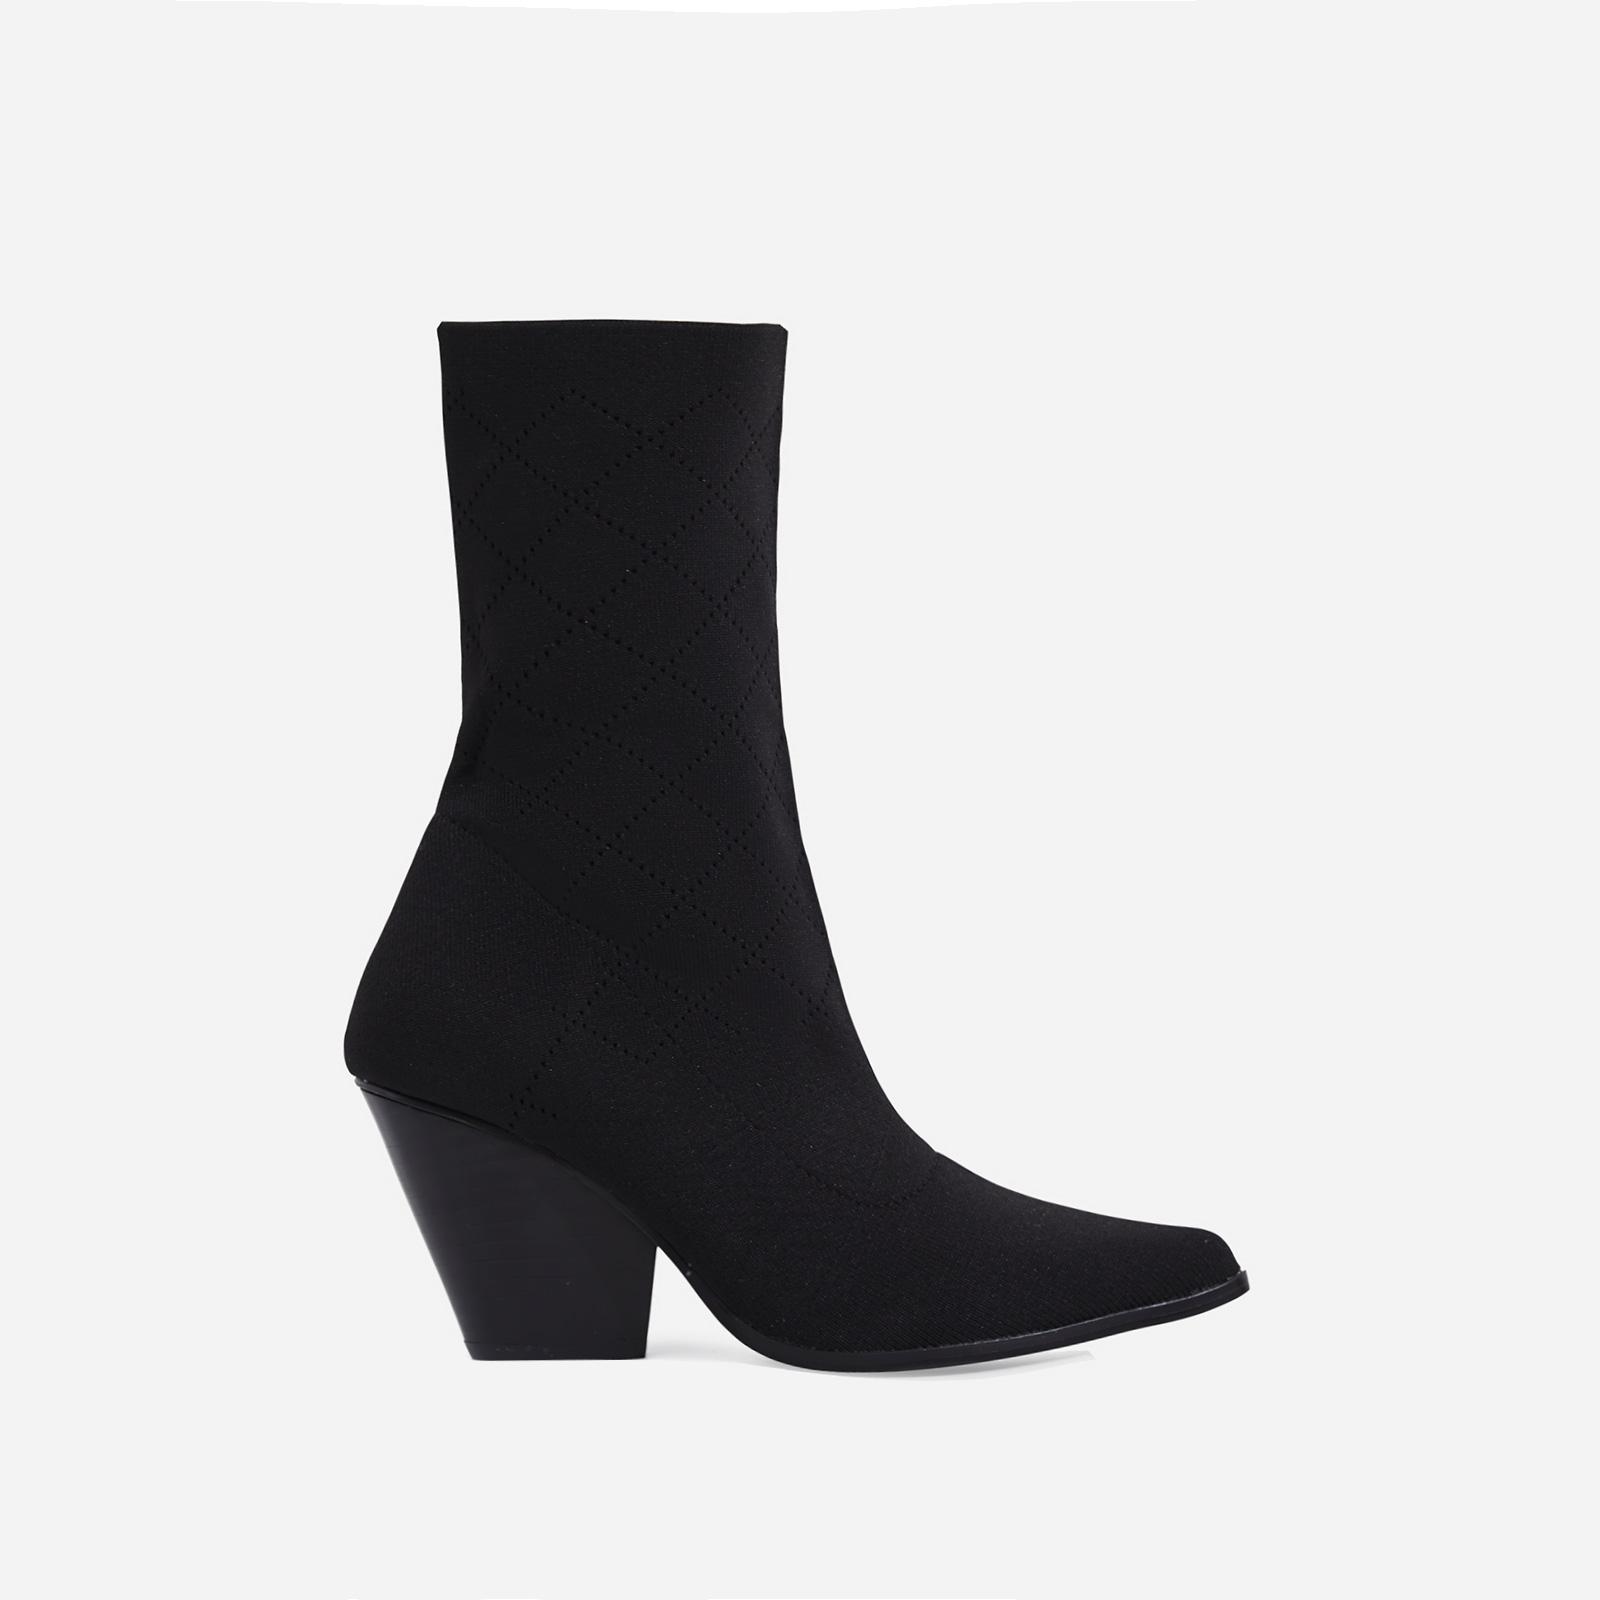 Sammy Block Heel Sock Western Ankle Boot In Black Knit